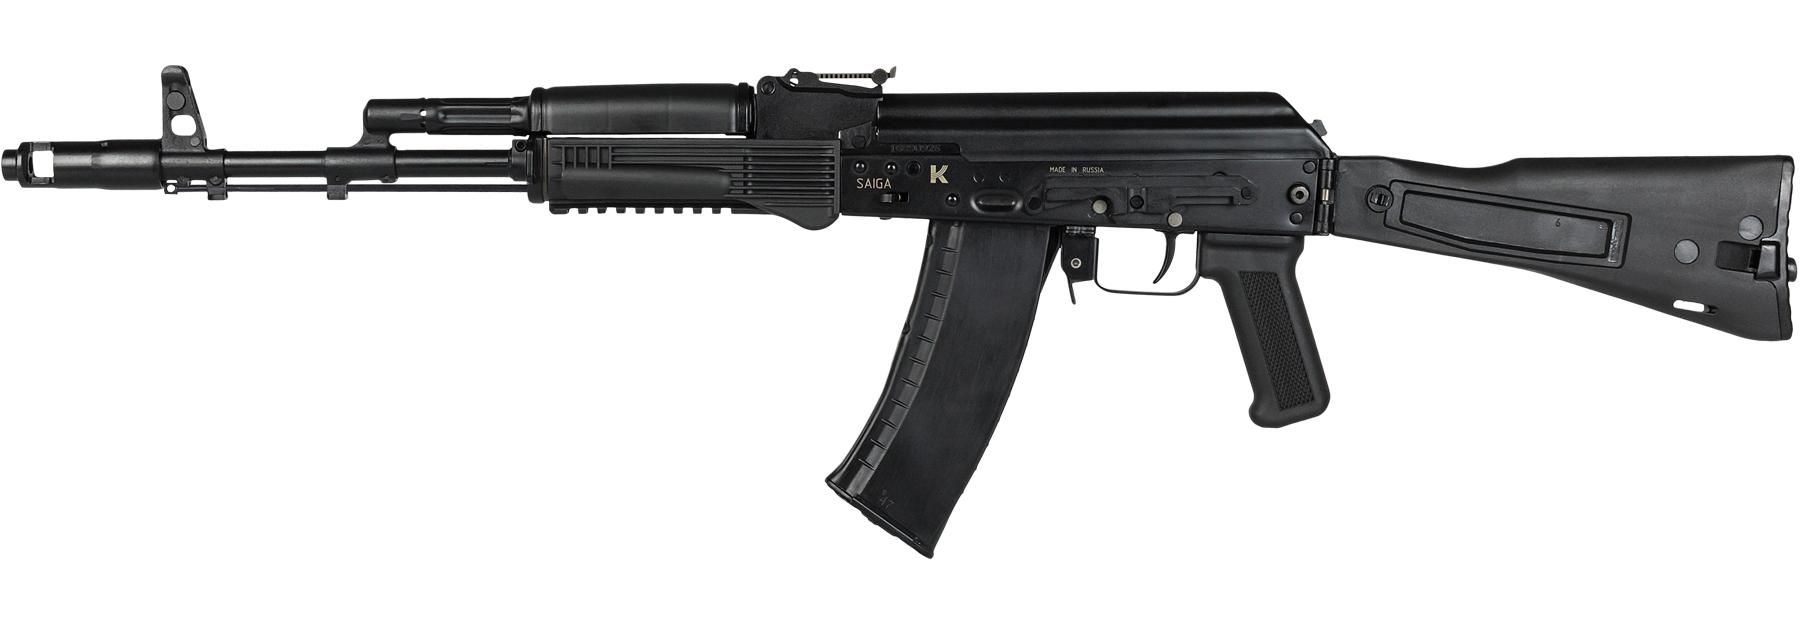 Izhmash Saiga MK 105 - 5.45 x 39 - halbautomatische Büchse links